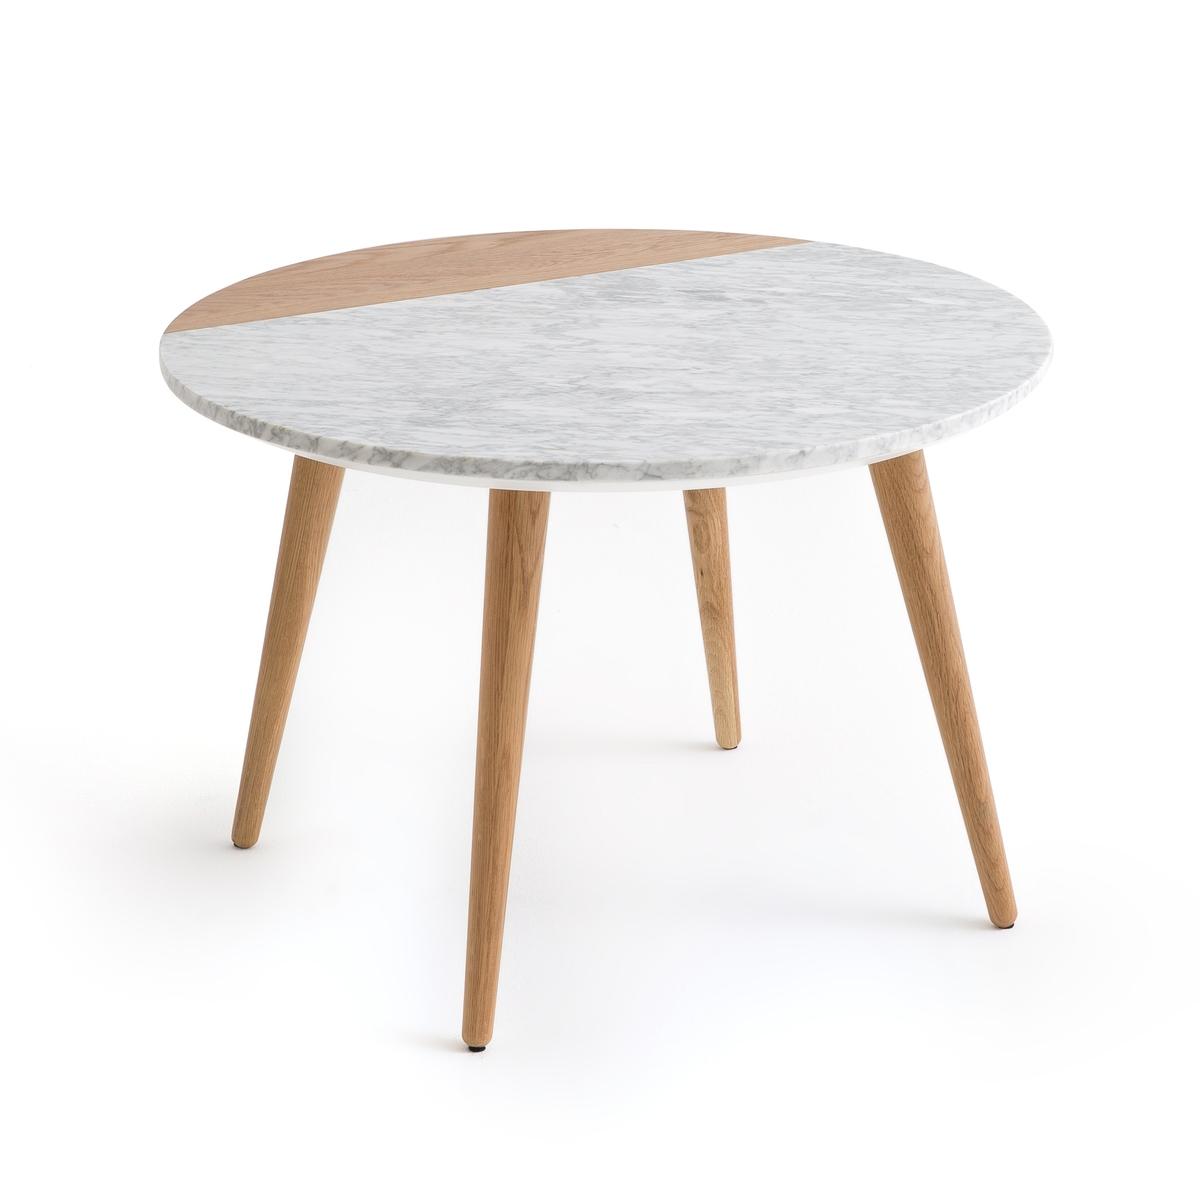 Стол журнальный со столешницей из белого мрамора и дуба, CRUESO столик журнальный квадратный из массива дуба crueso